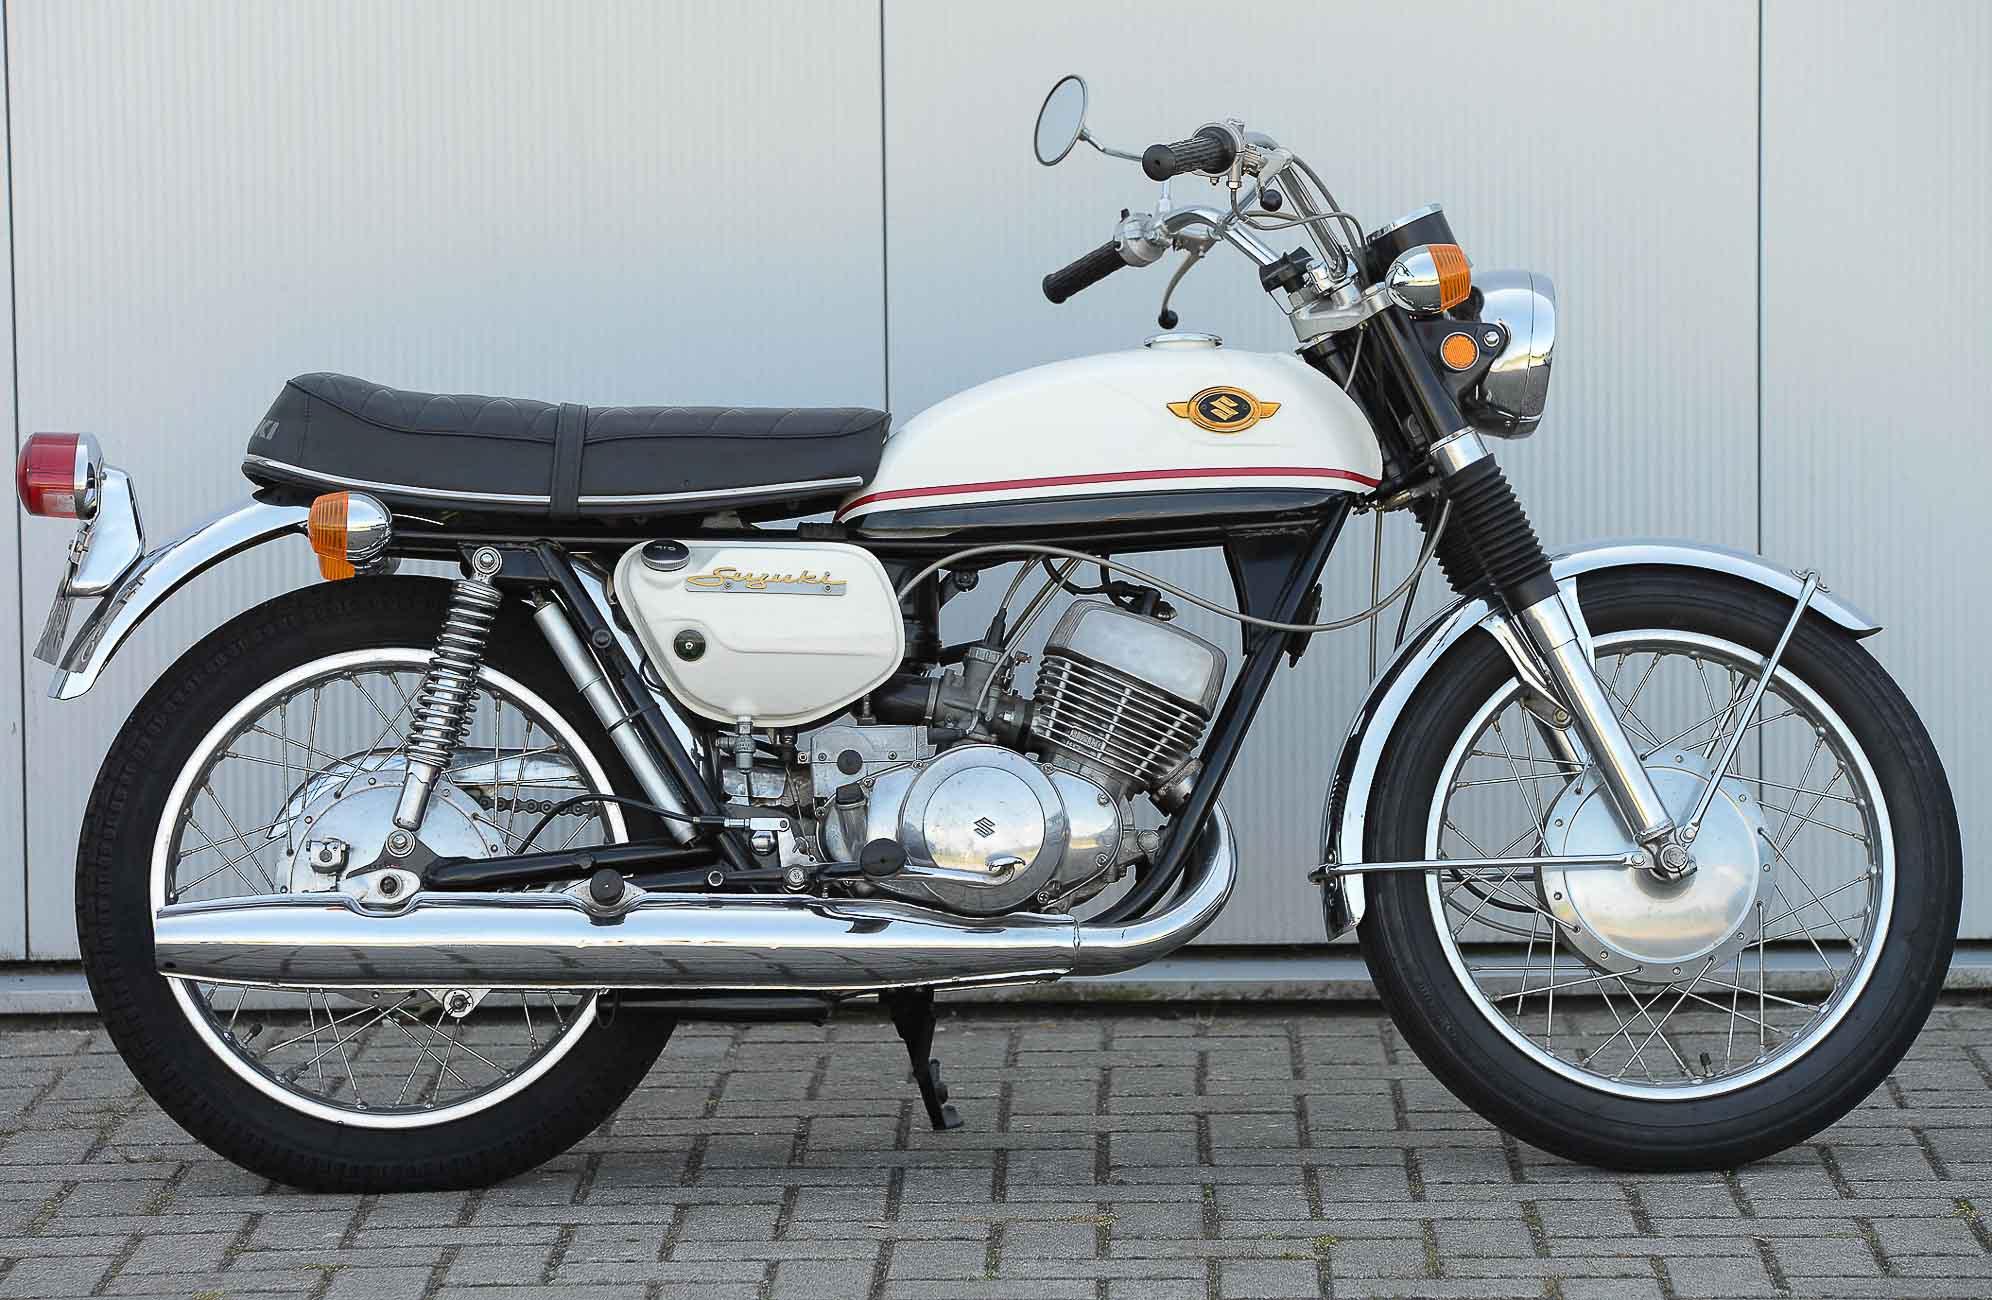 SUZUKI T 350 (1969 - 1972)